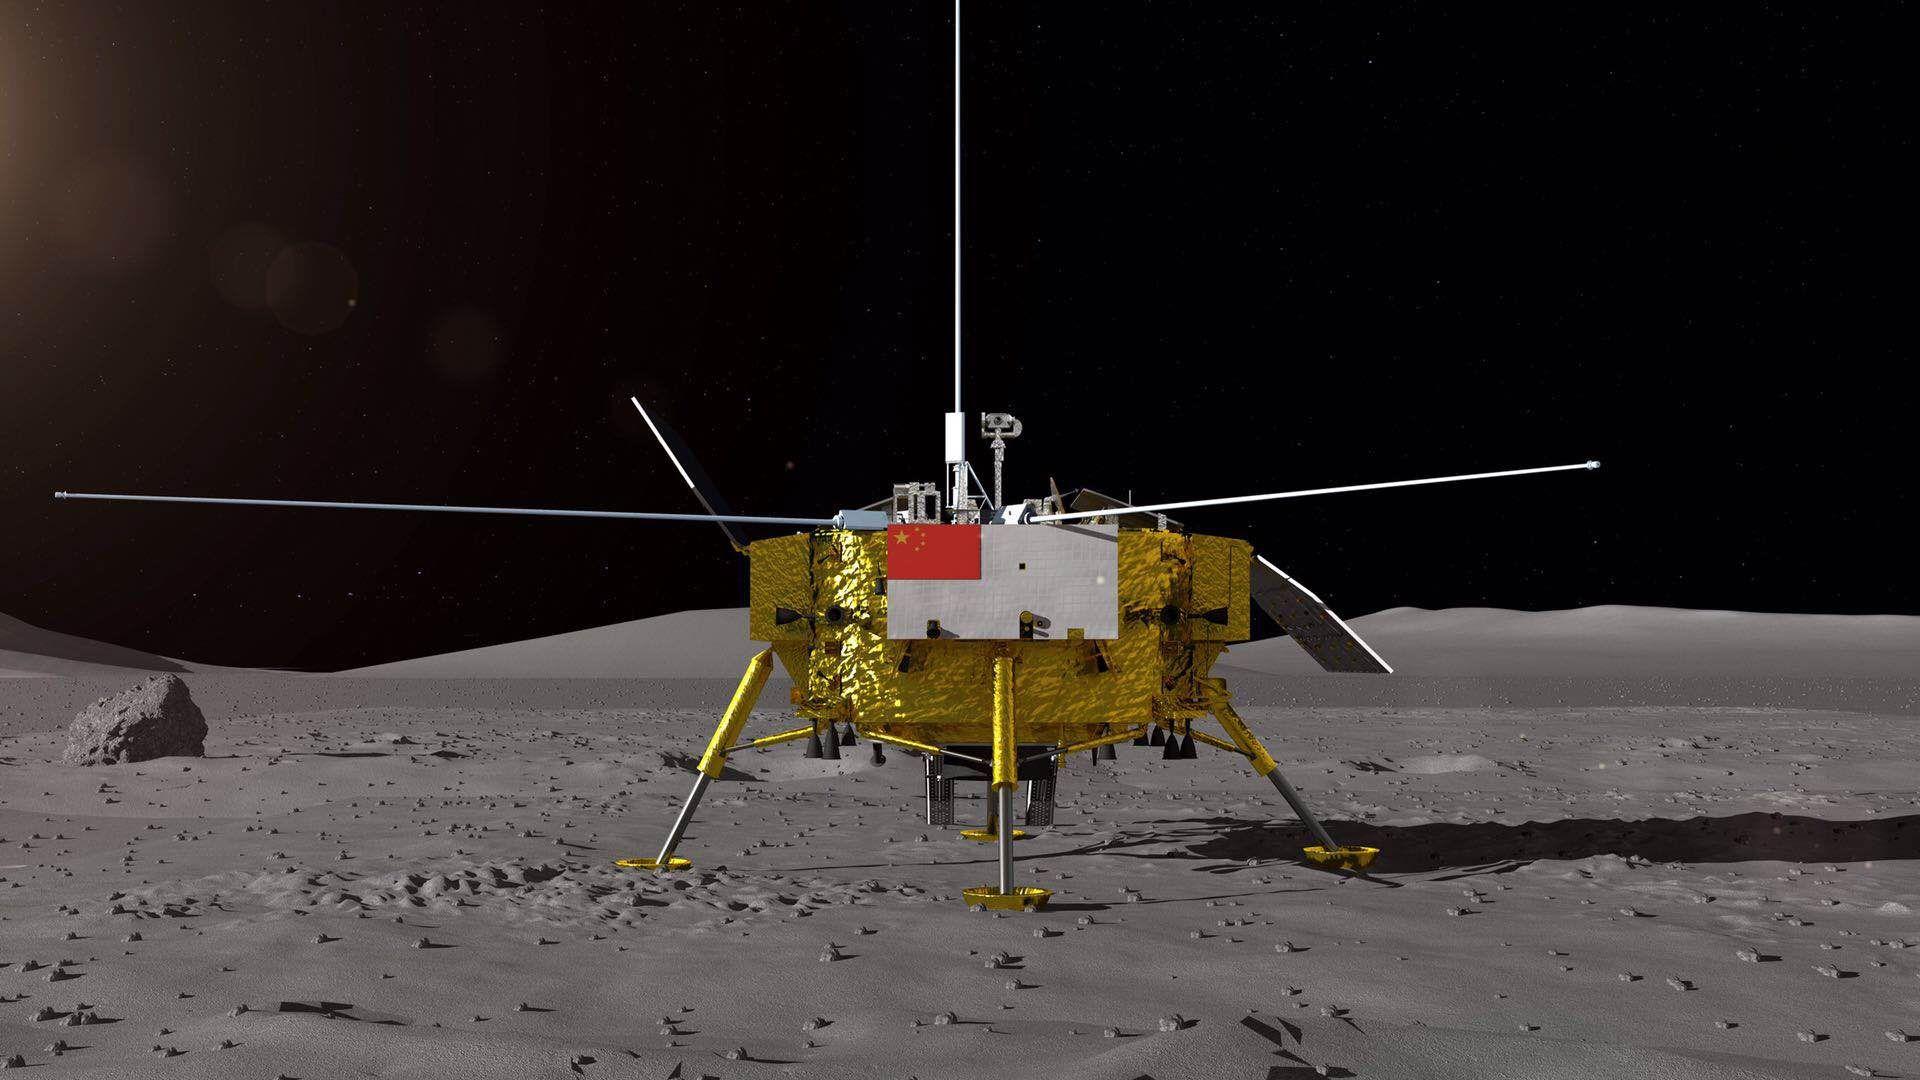 嫦娥四号探测器成绩图。供图/国防科工局